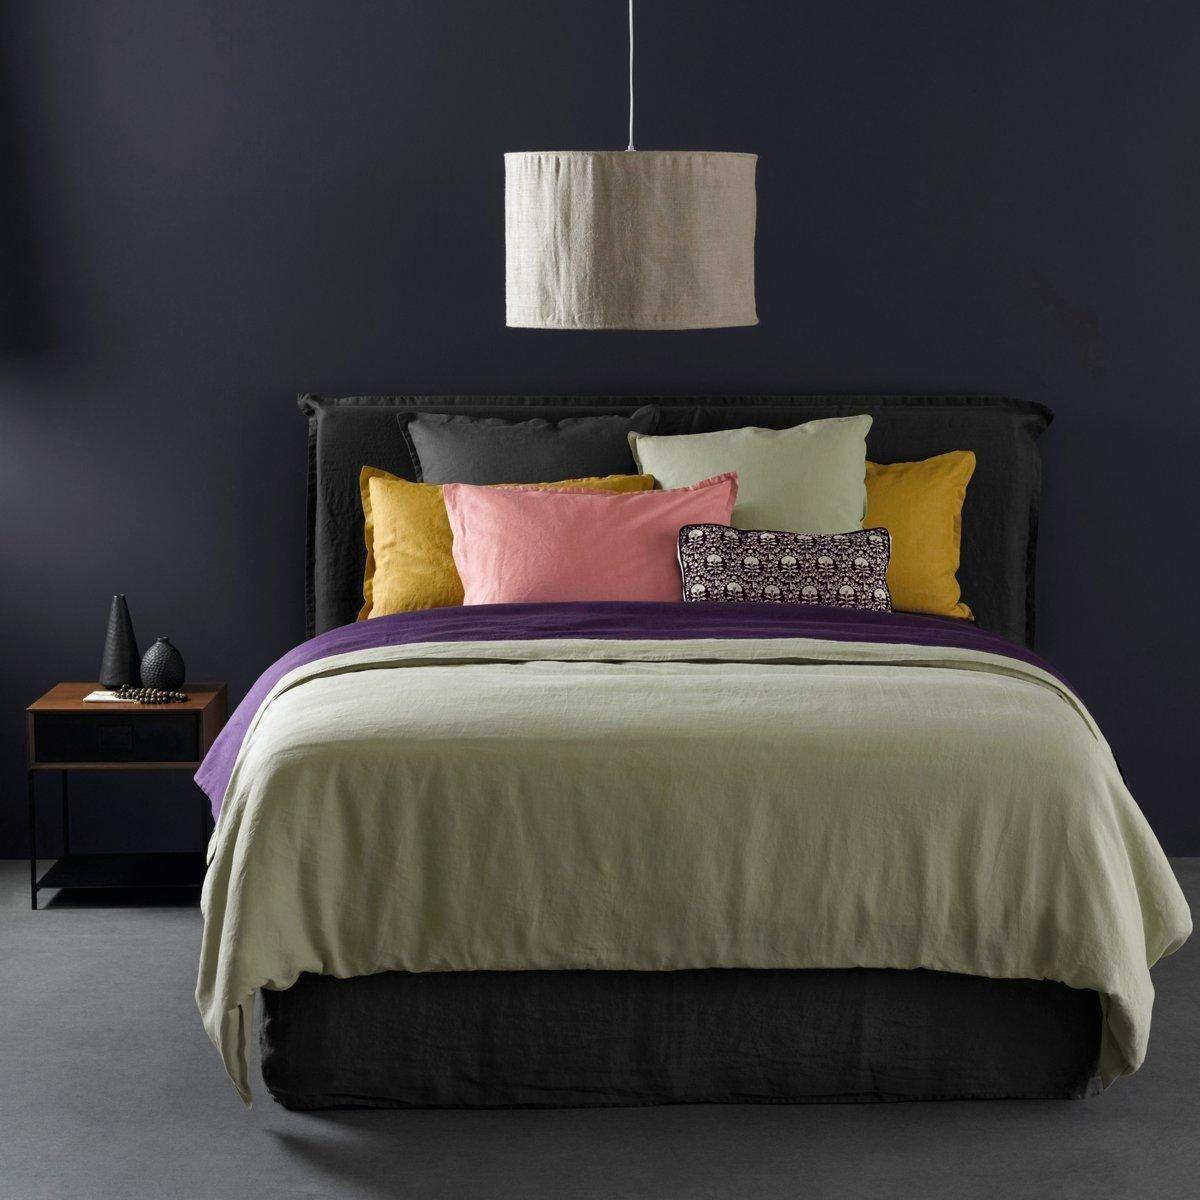 housse de couette elina en lin lav am pm la redoute textiles lin lav d coration. Black Bedroom Furniture Sets. Home Design Ideas